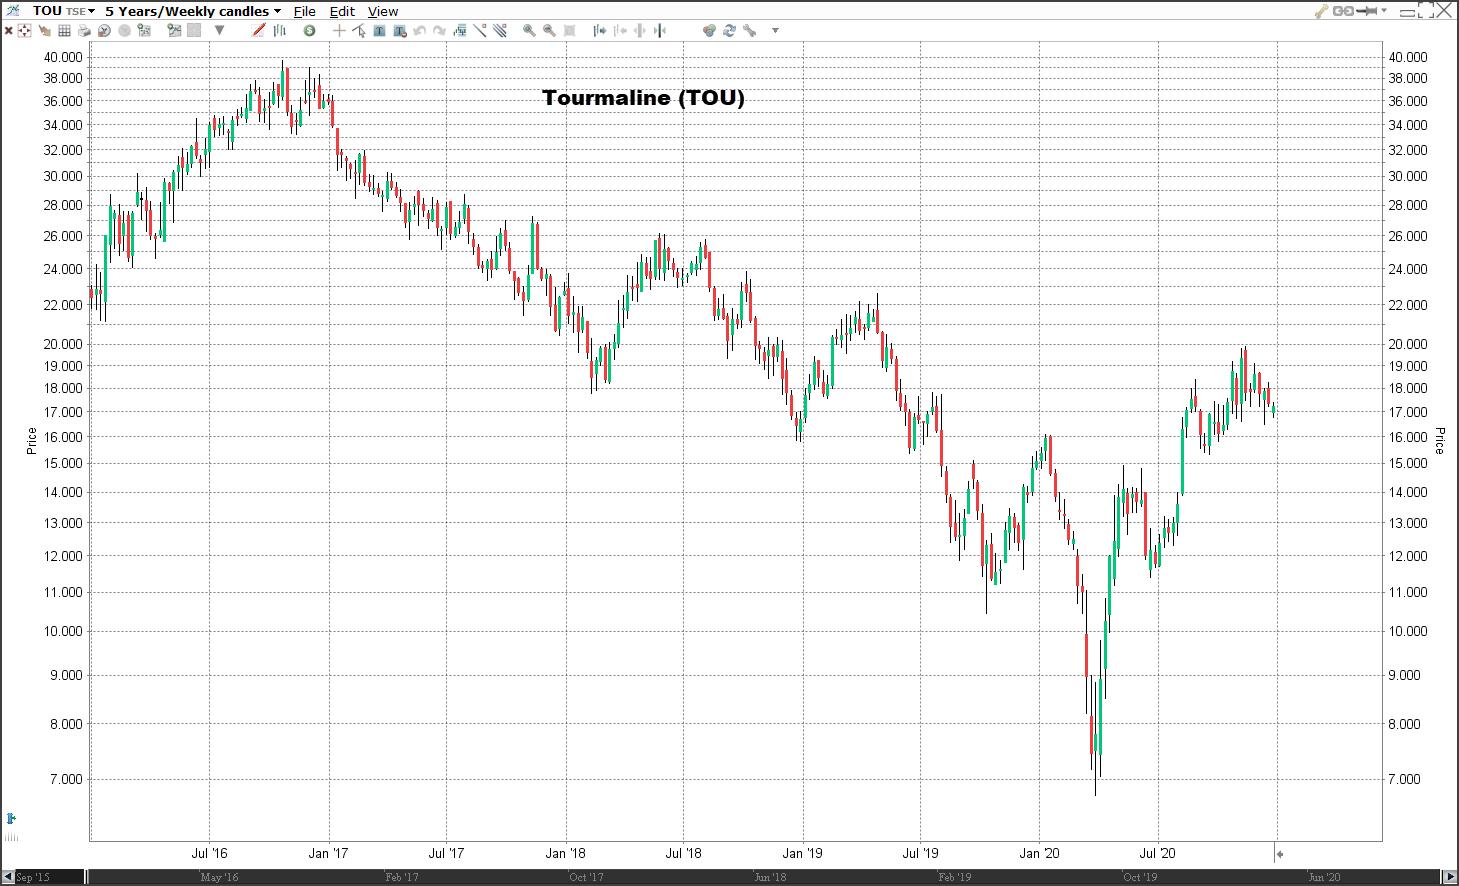 Aandeel Tourmaline koers   Welke aandelen kopen 2021?